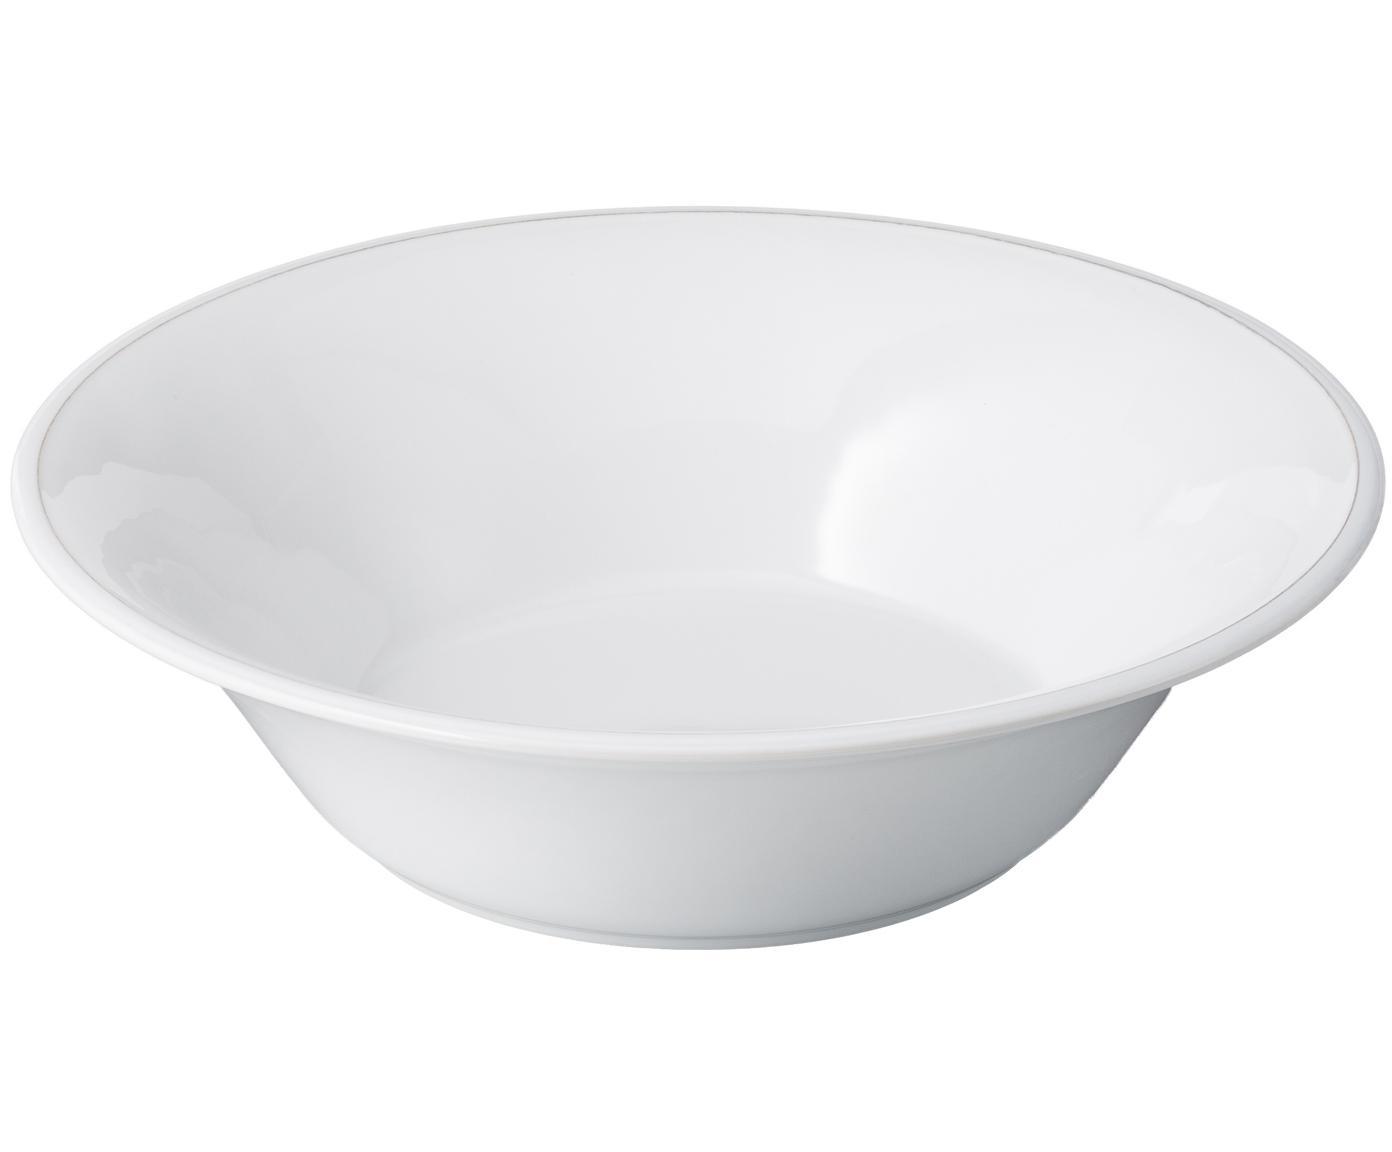 Salatschüssel Constance im Landhaus Style, Steingut, Weiß, Ø 30 x H 9 cm